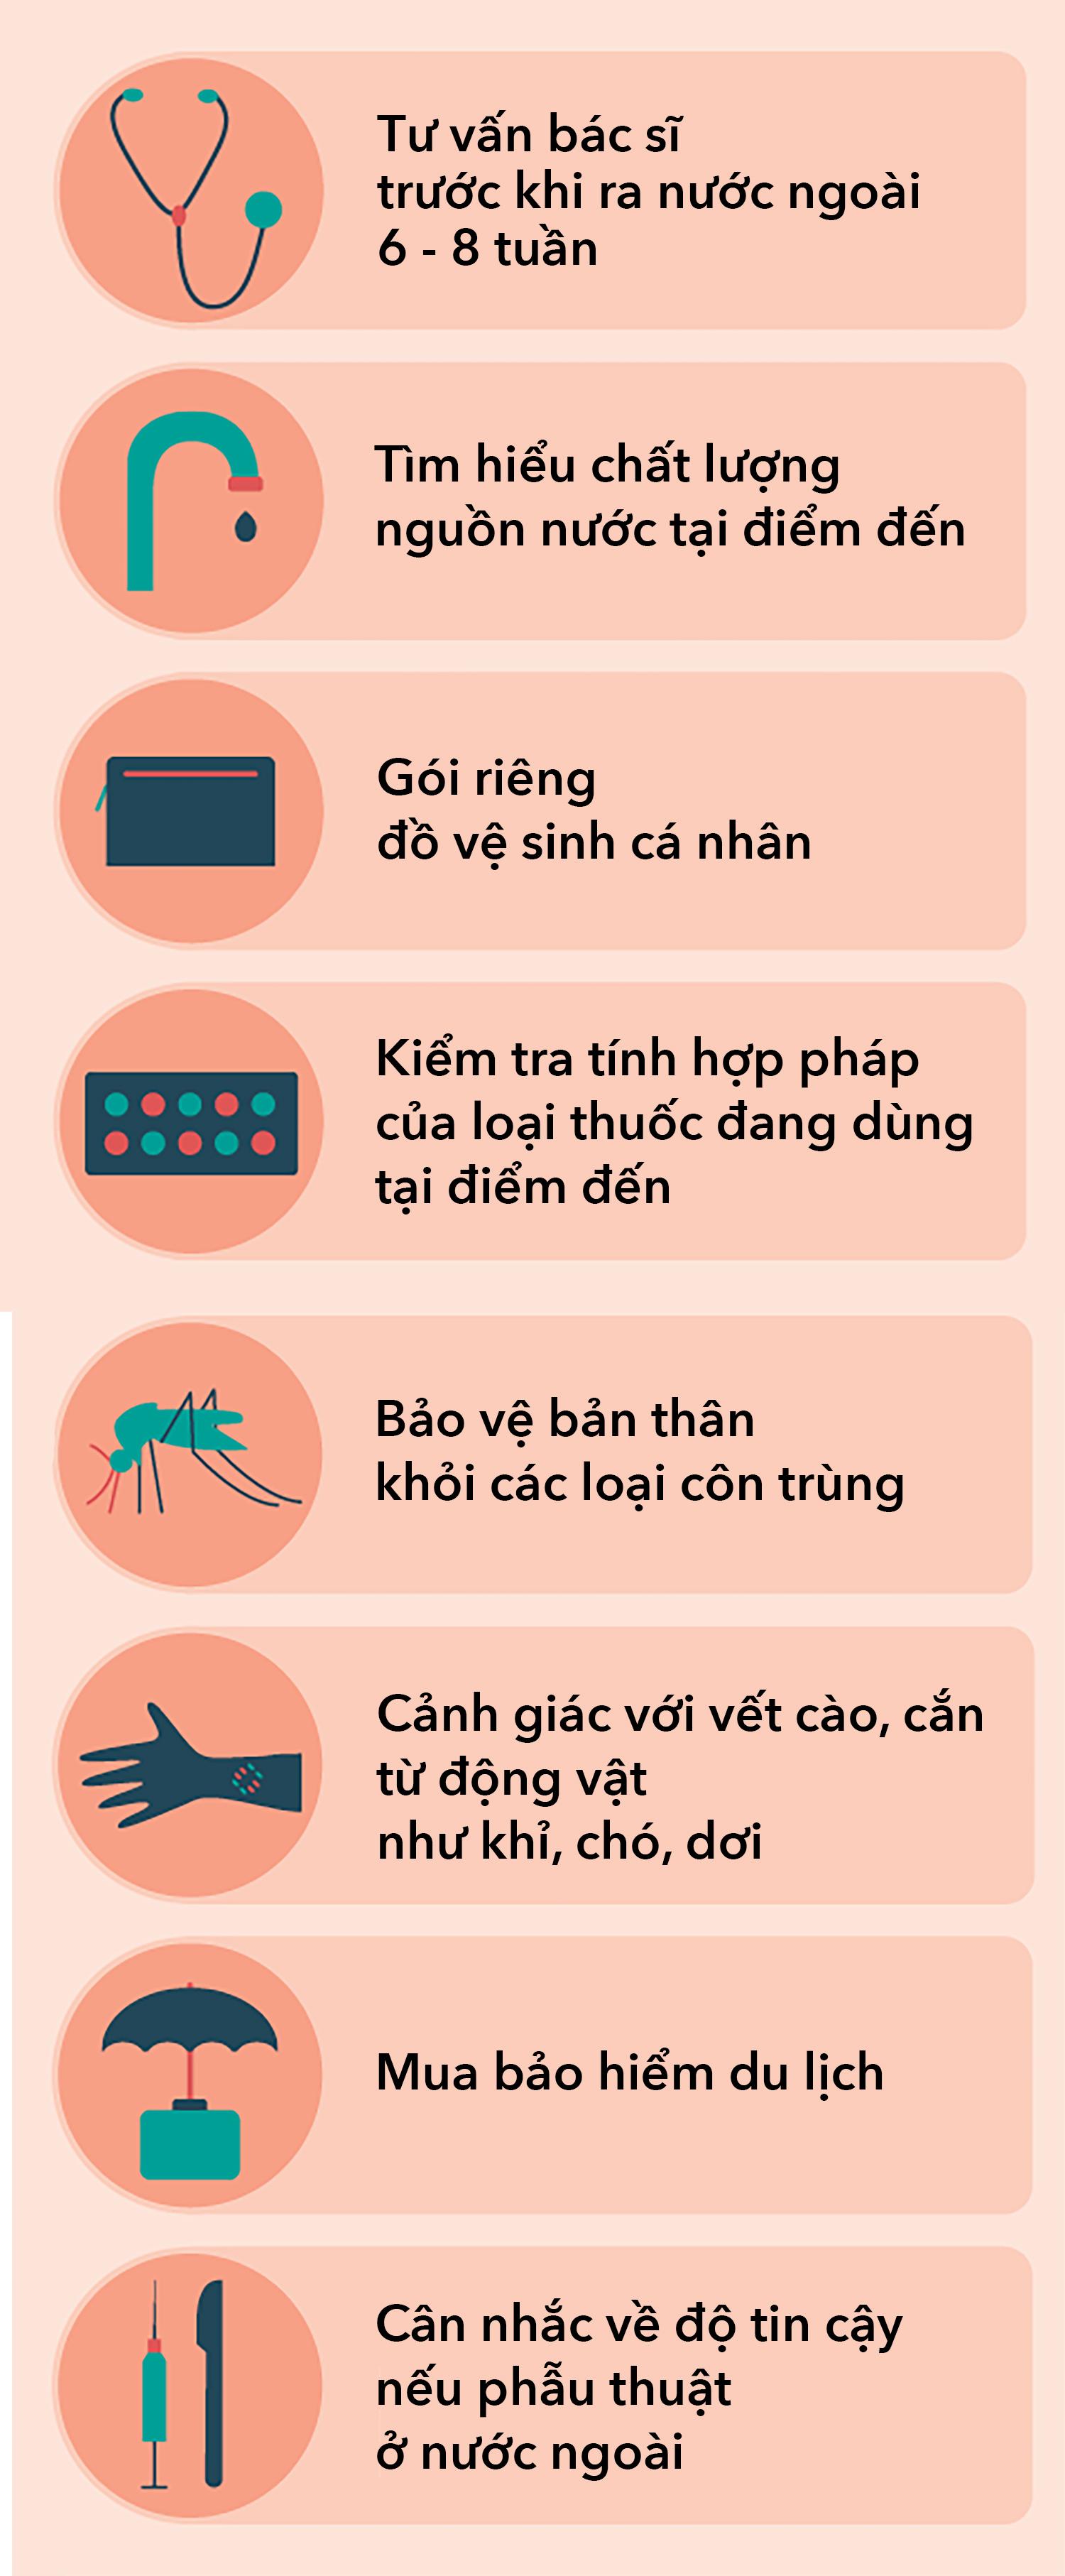 [Infographics] Cách bảo vệ sức khoẻ khi du lịch nước ngoài  - Ảnh 1